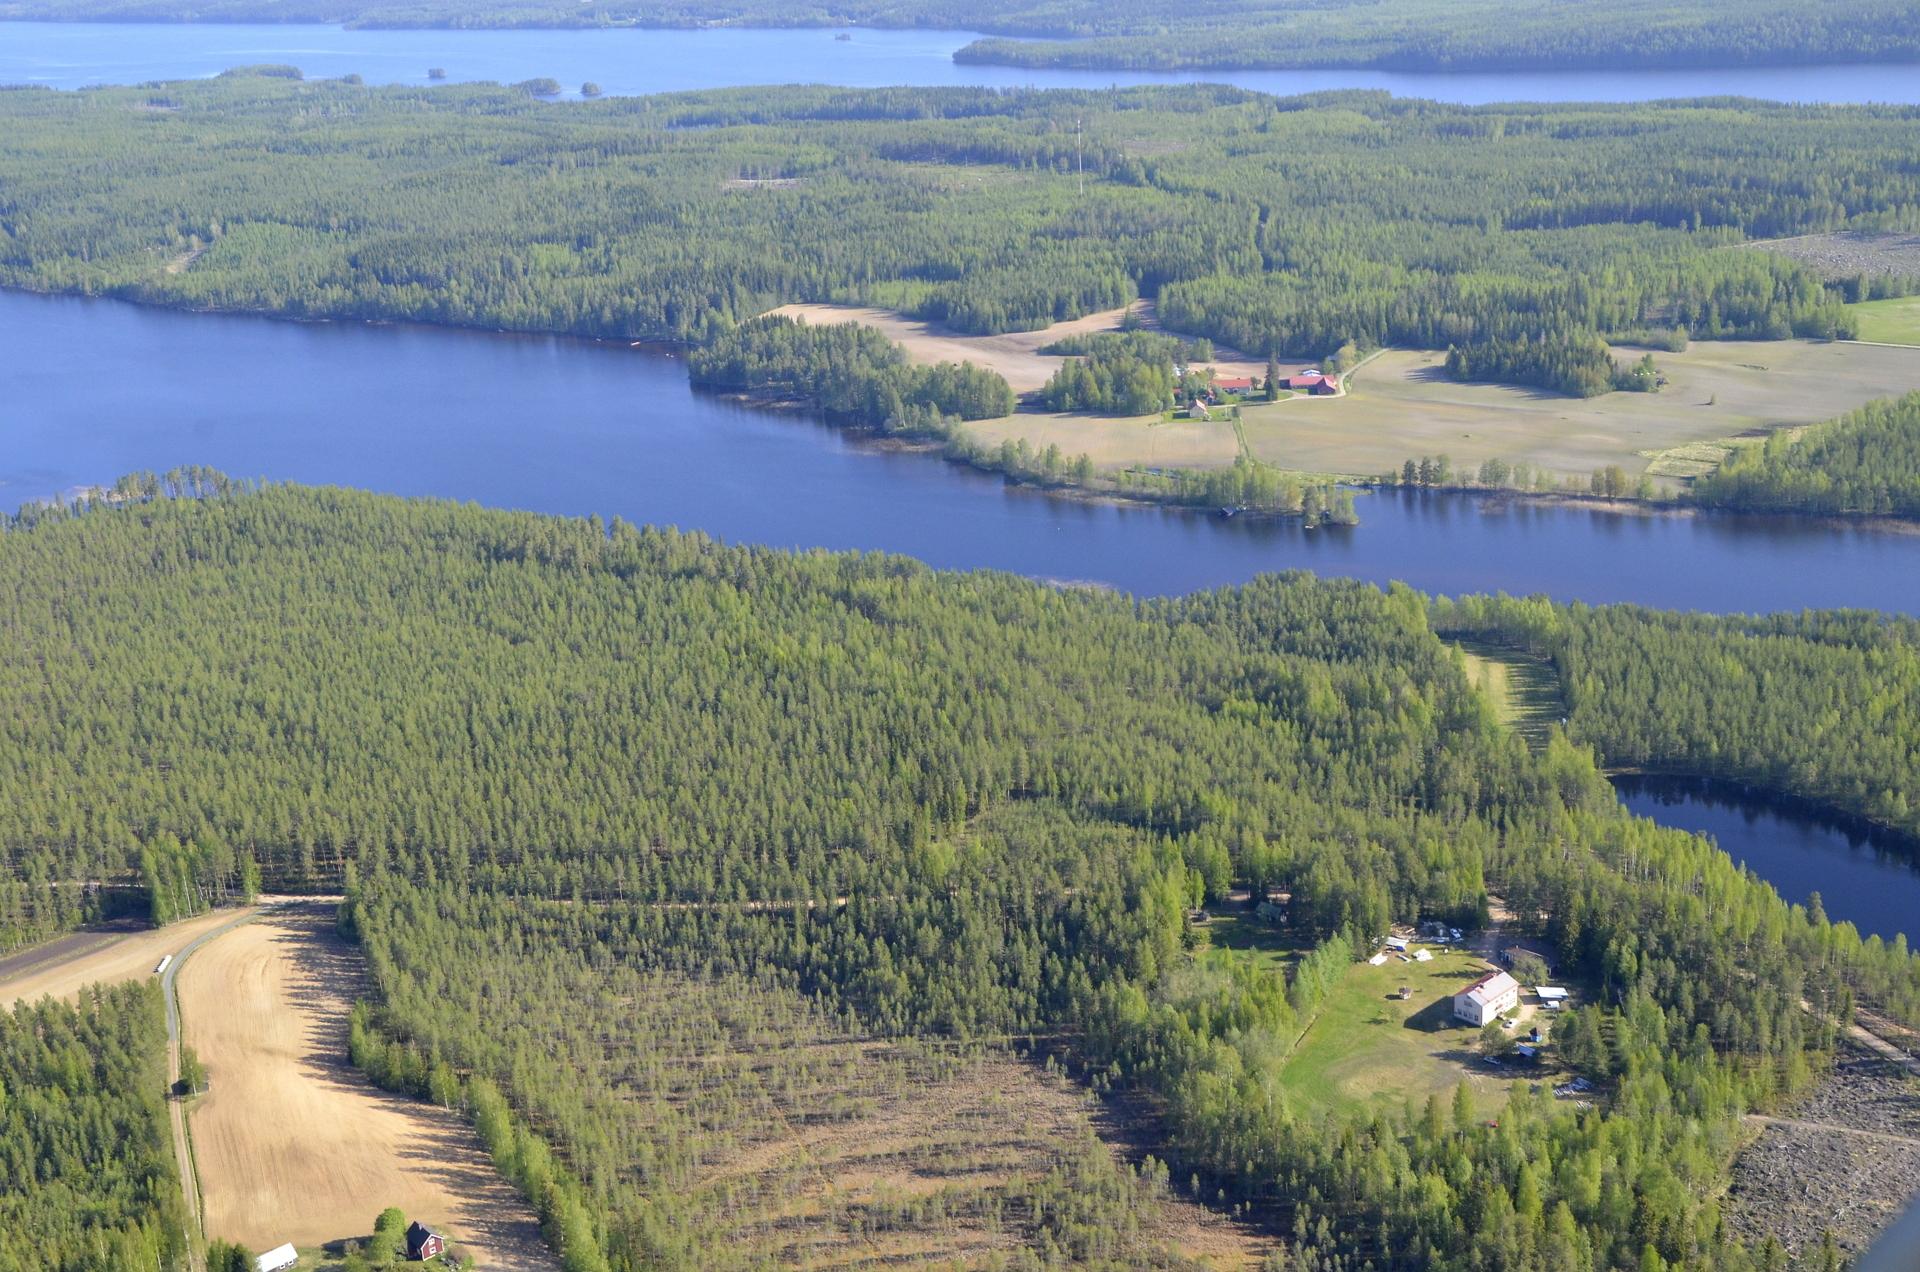 Oikealla alhaalla Kuhalan entinen koulu. Lahden takana Järkiniemeä ja Juusola.